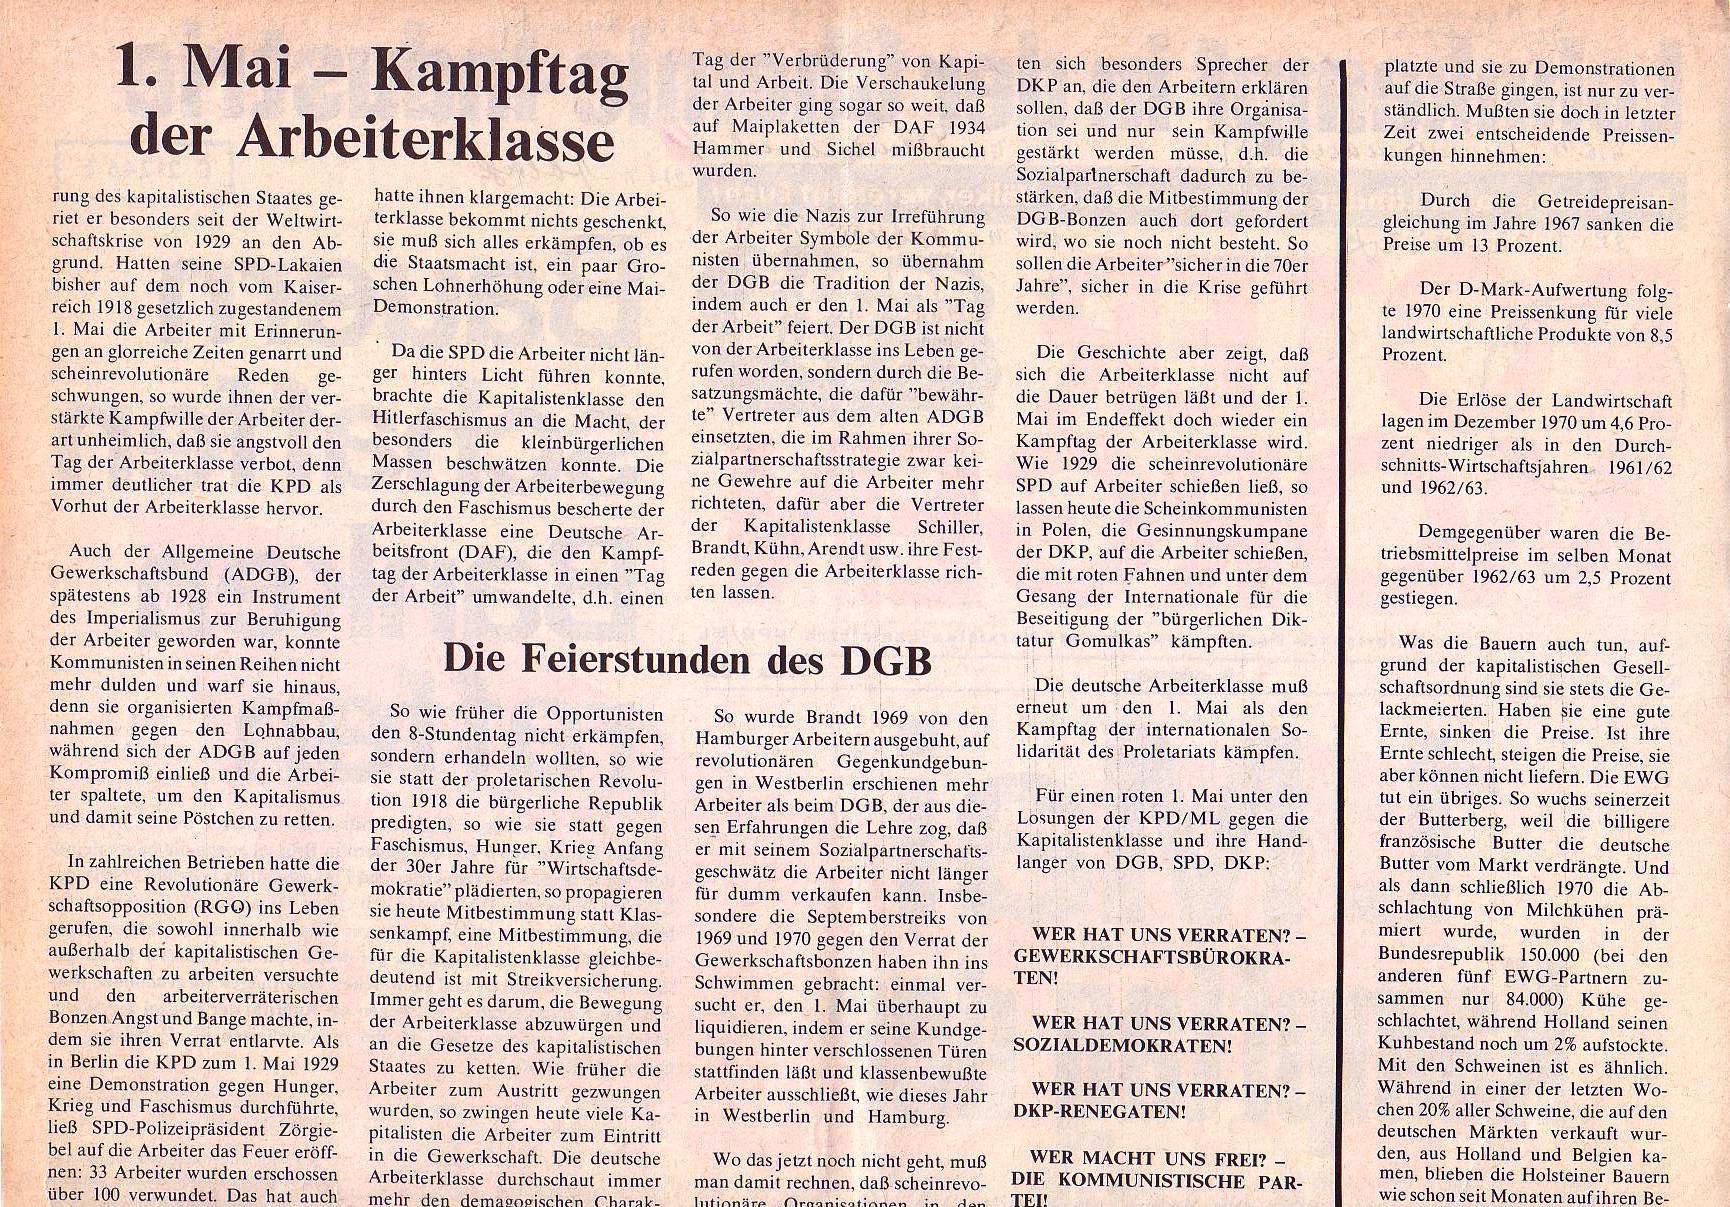 Roter Morgen, 5. Jg., April 1971, Nr. 4, Seite 2a